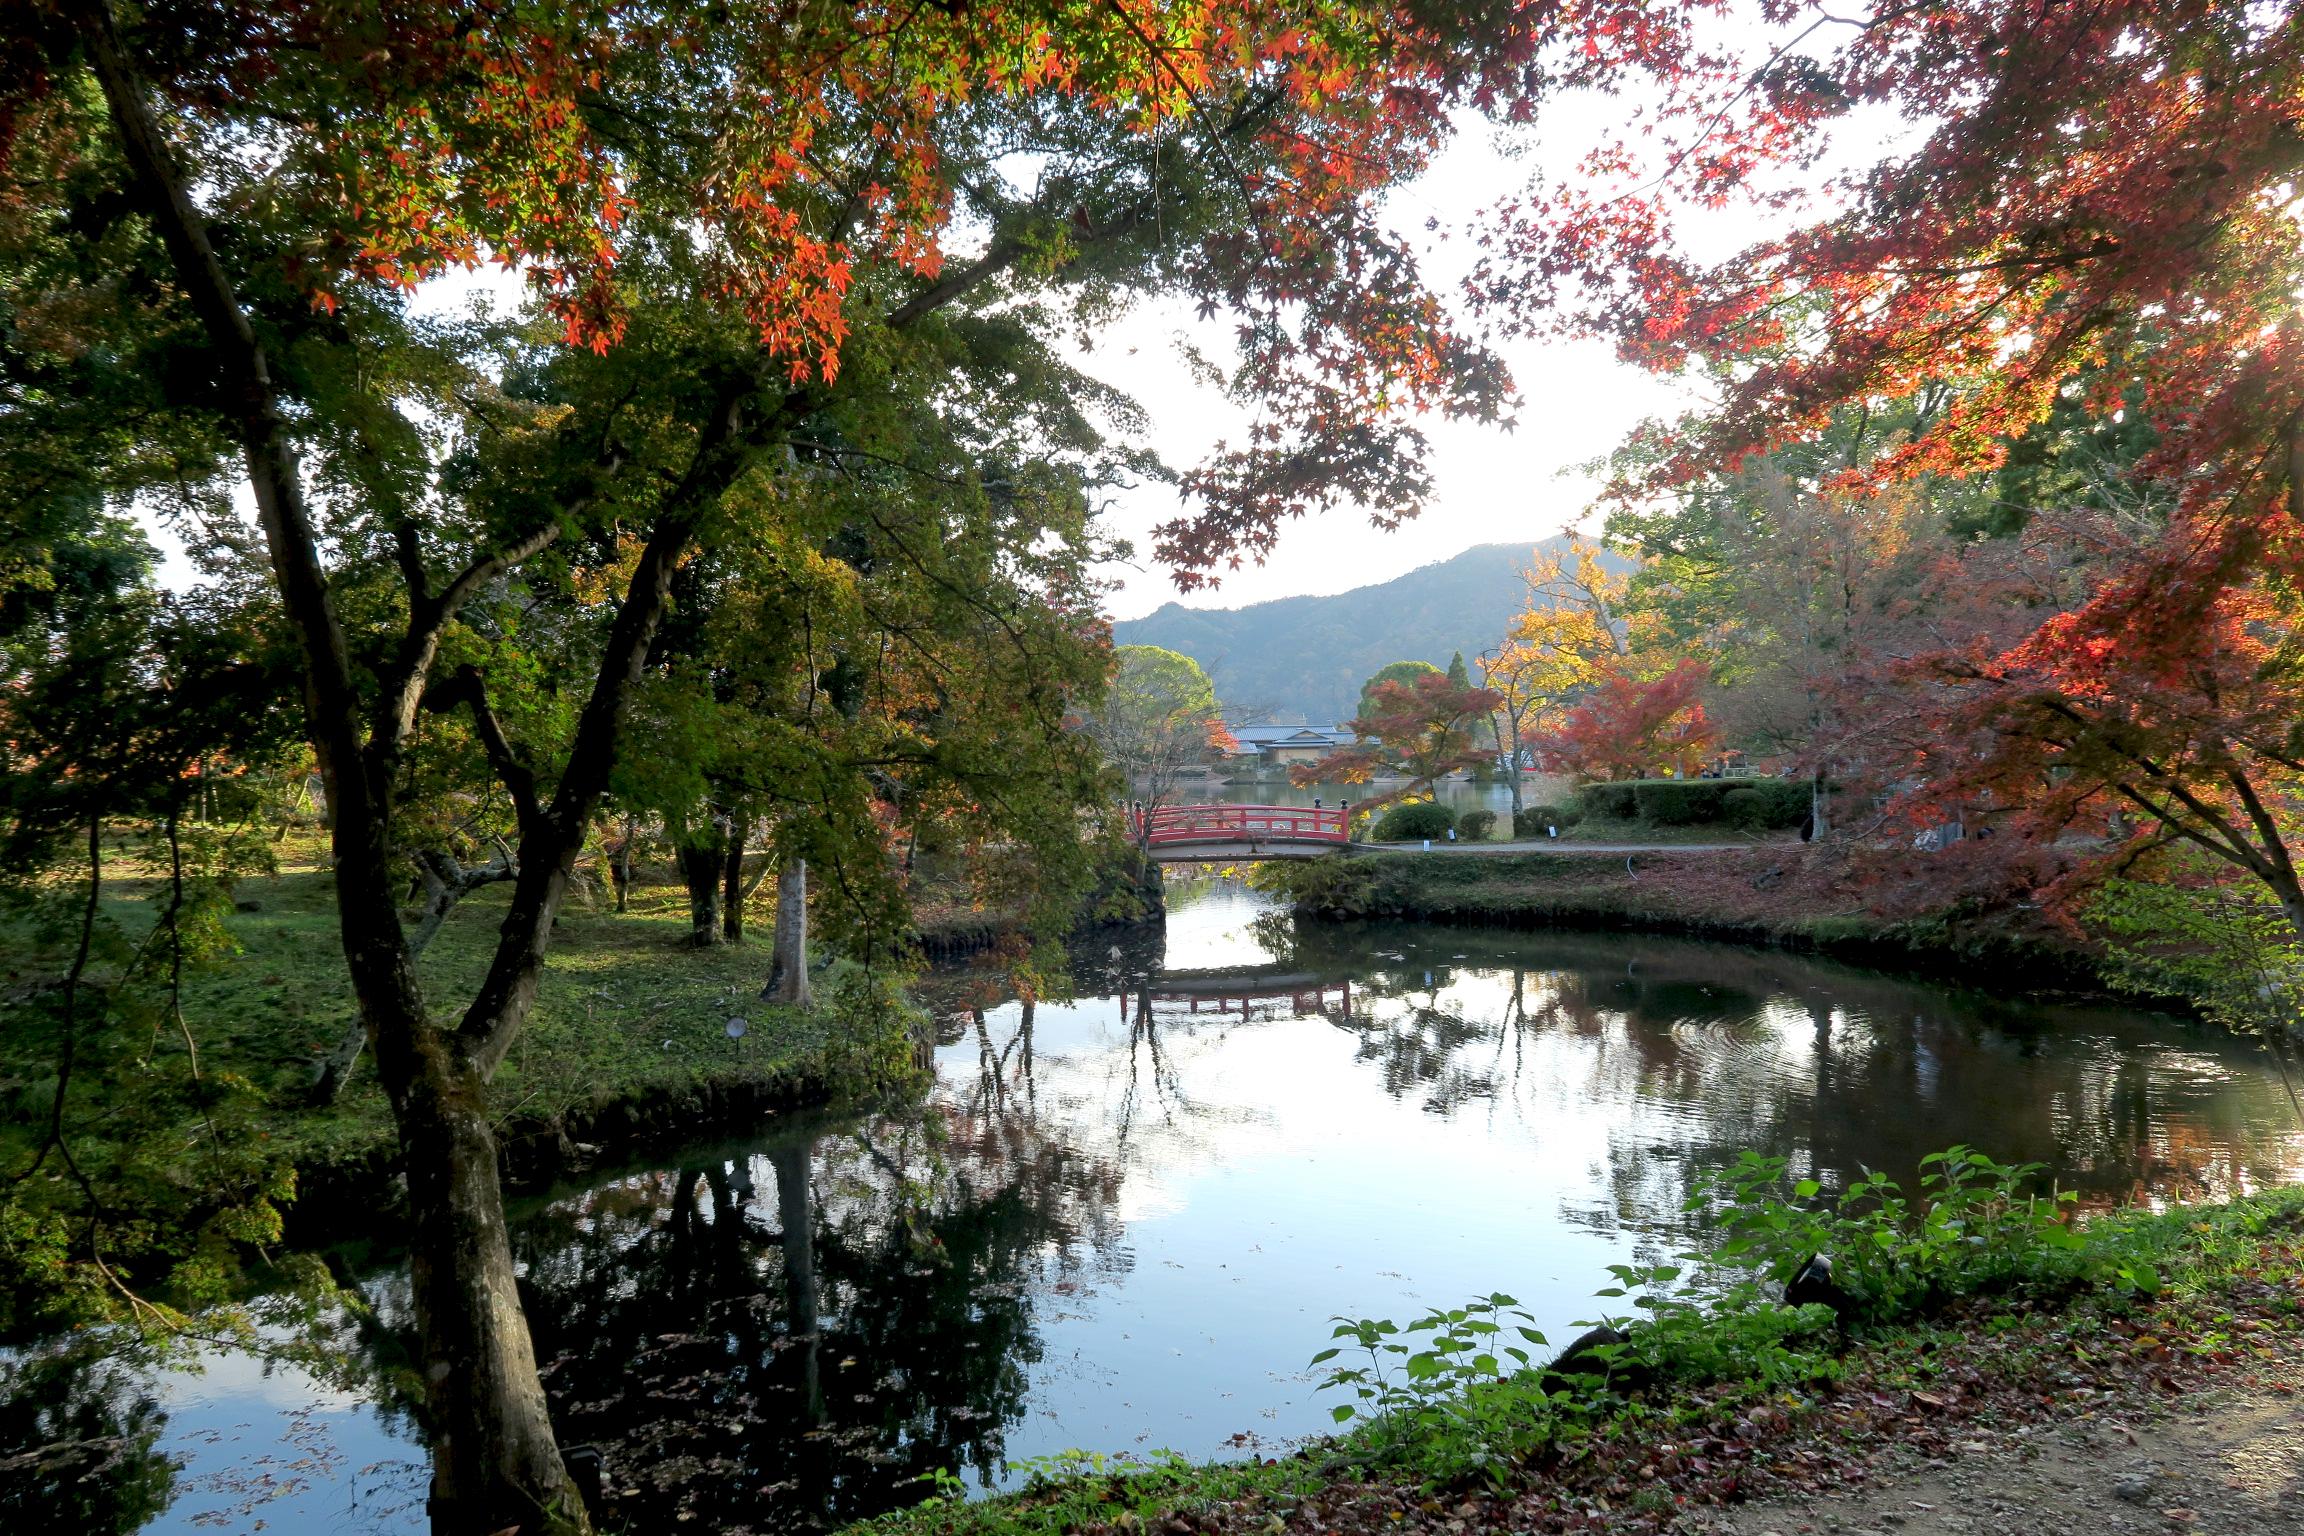 大沢池に夕日が当たり、美しい光景でした。